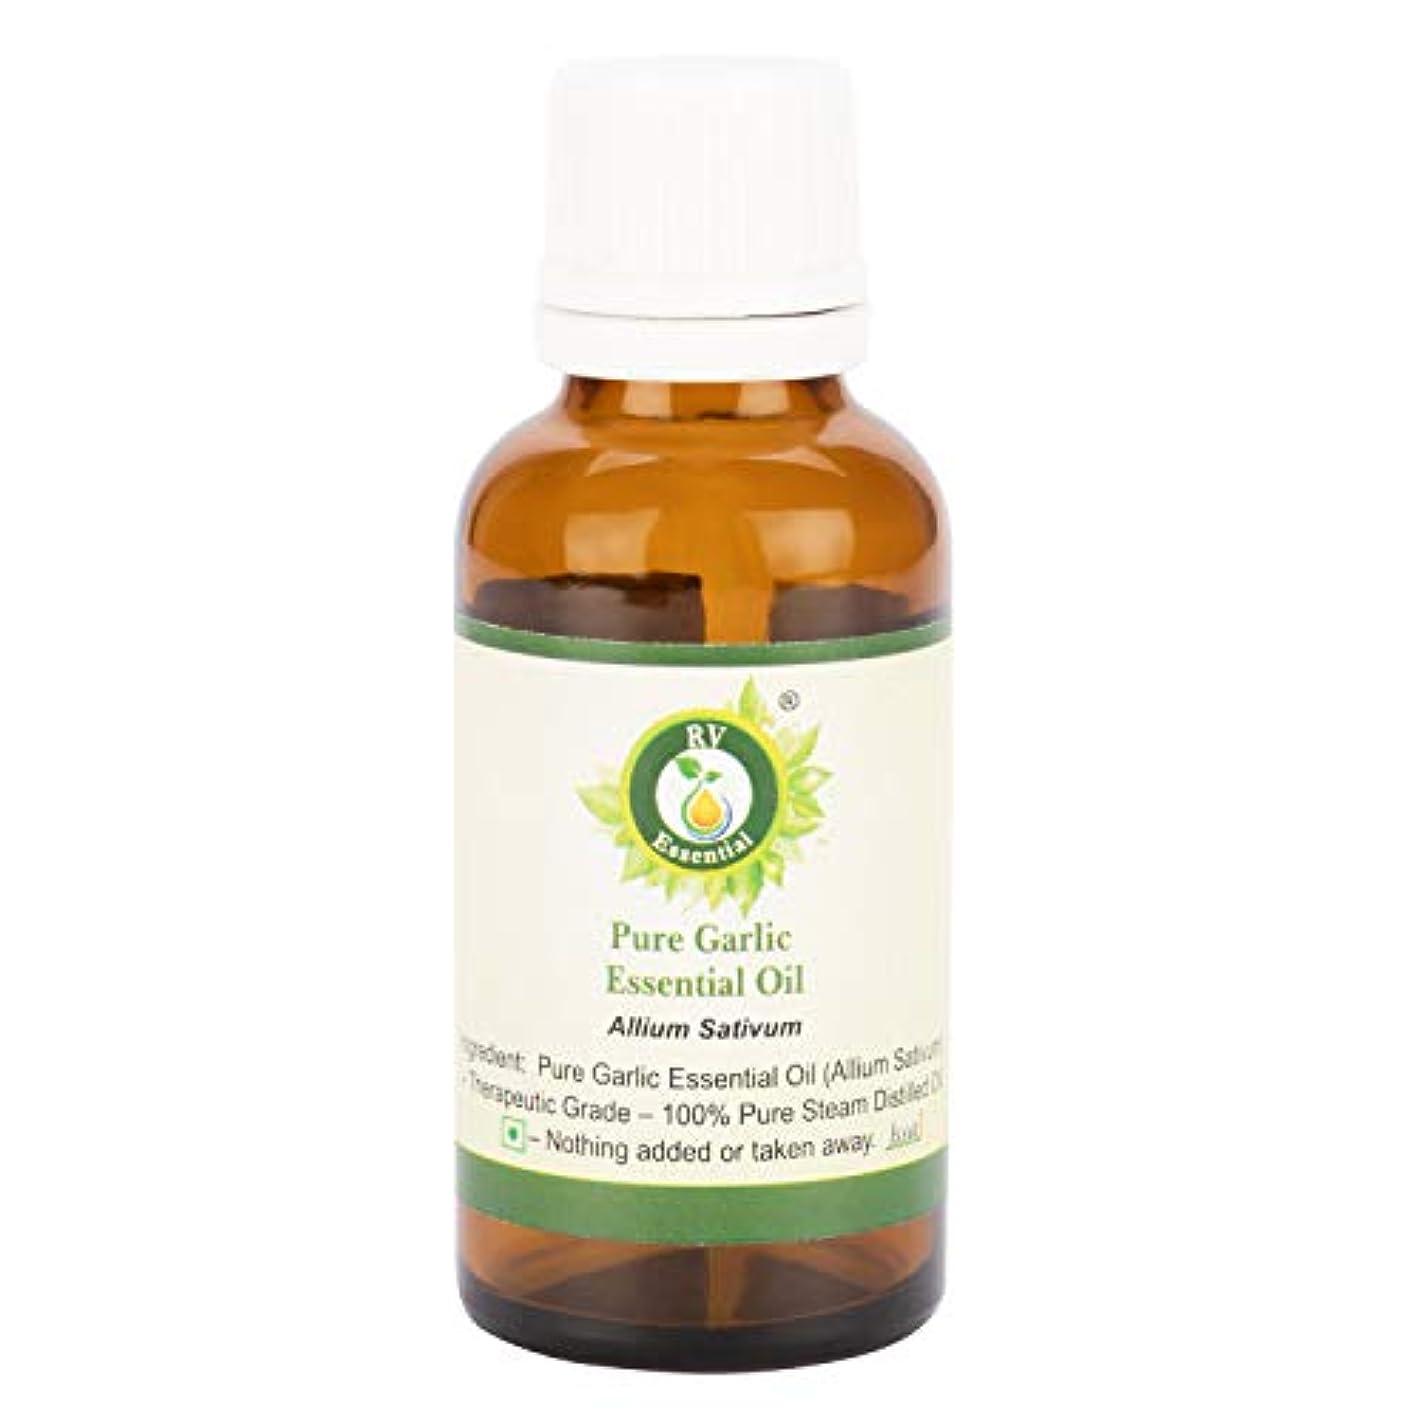 証明するスカリー問い合わせピュアニンニクエッセンシャルオイル100ml (3.38oz)- Allium Sativum (100%純粋&天然スチームDistilled) Pure Garlic Essential Oil